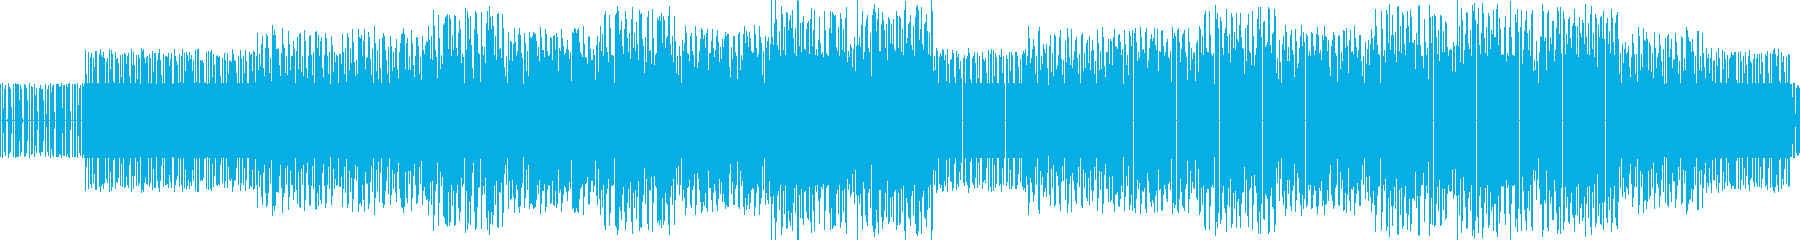 チップチューンの軽快なジャズ、ループ対応の再生済みの波形